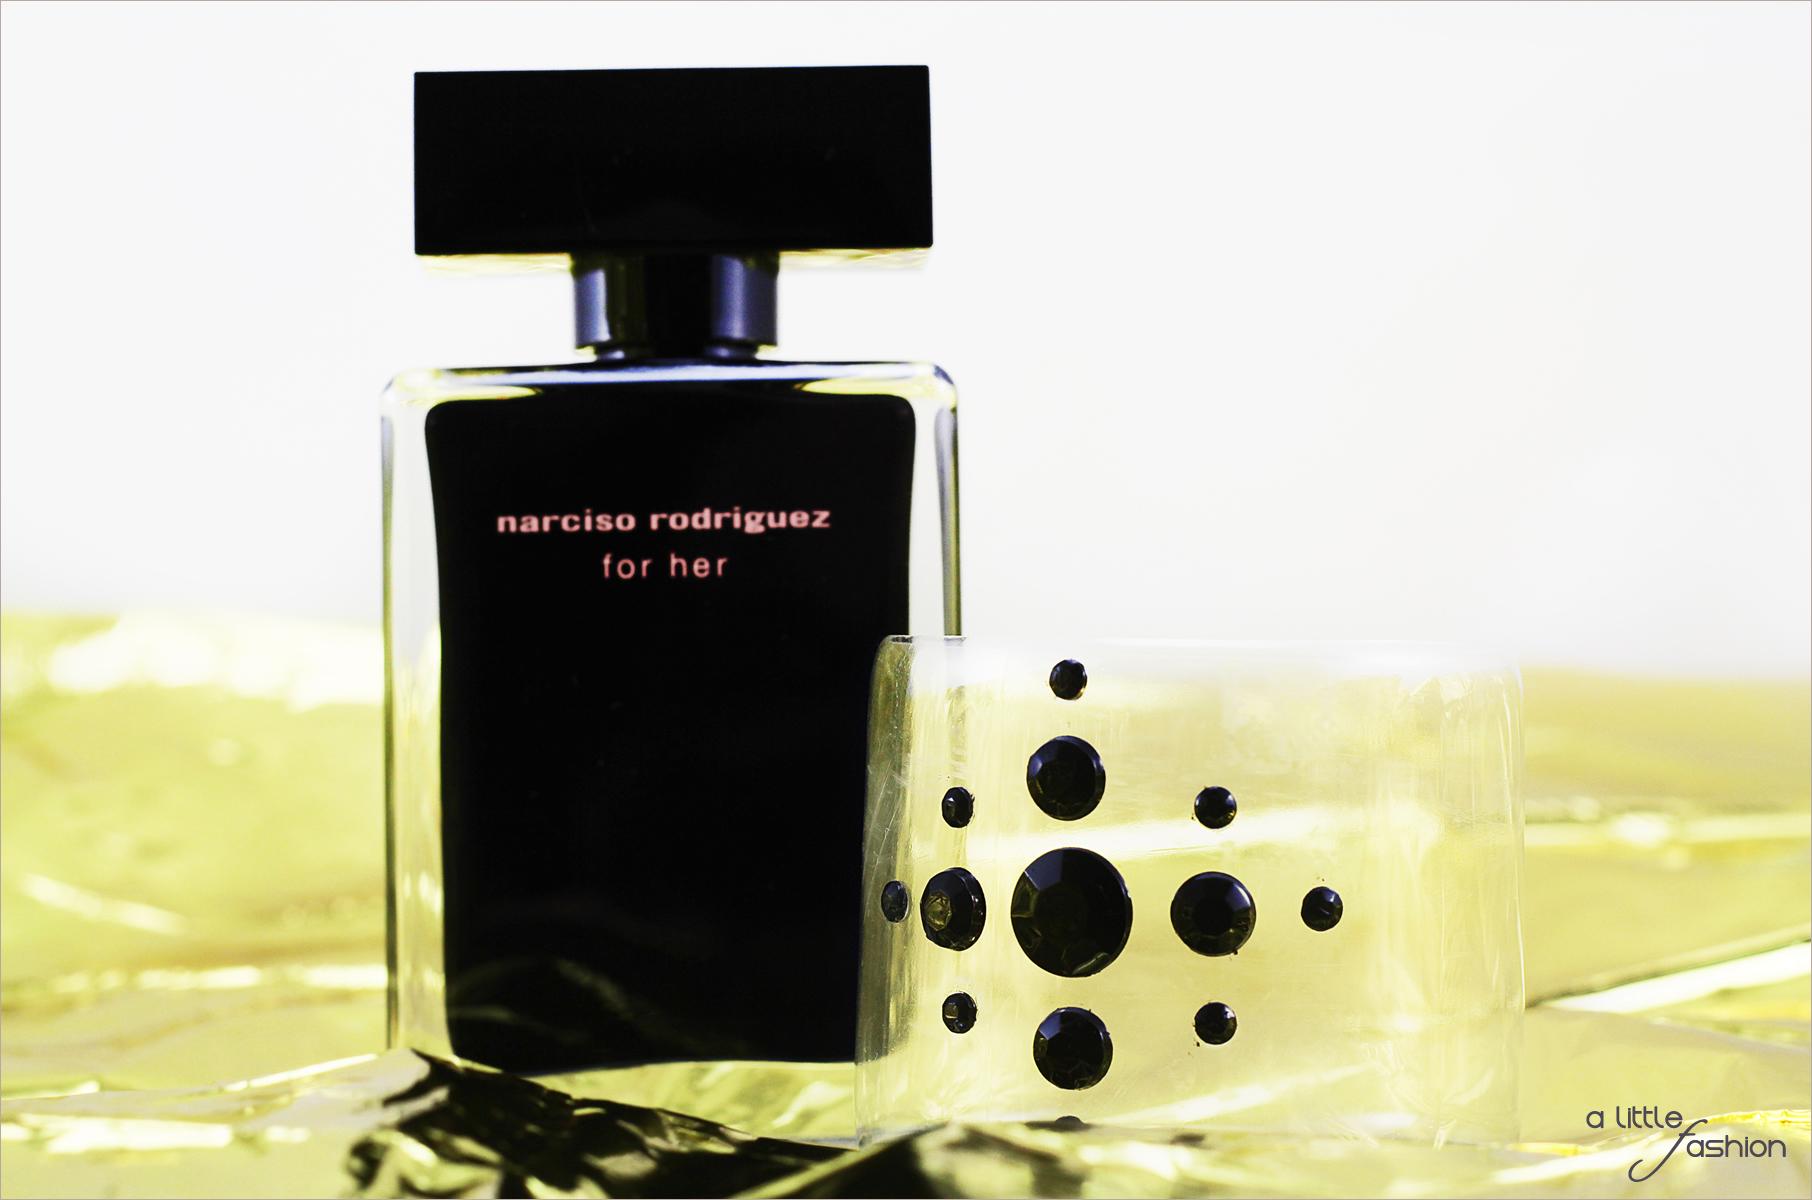 Von Plastik-Flasche zum Glamour-Schmuck  |  A Little Fashion  |  https://www.filizity.com/diy/von-plastik-flasche-zum-glamour-schmuck